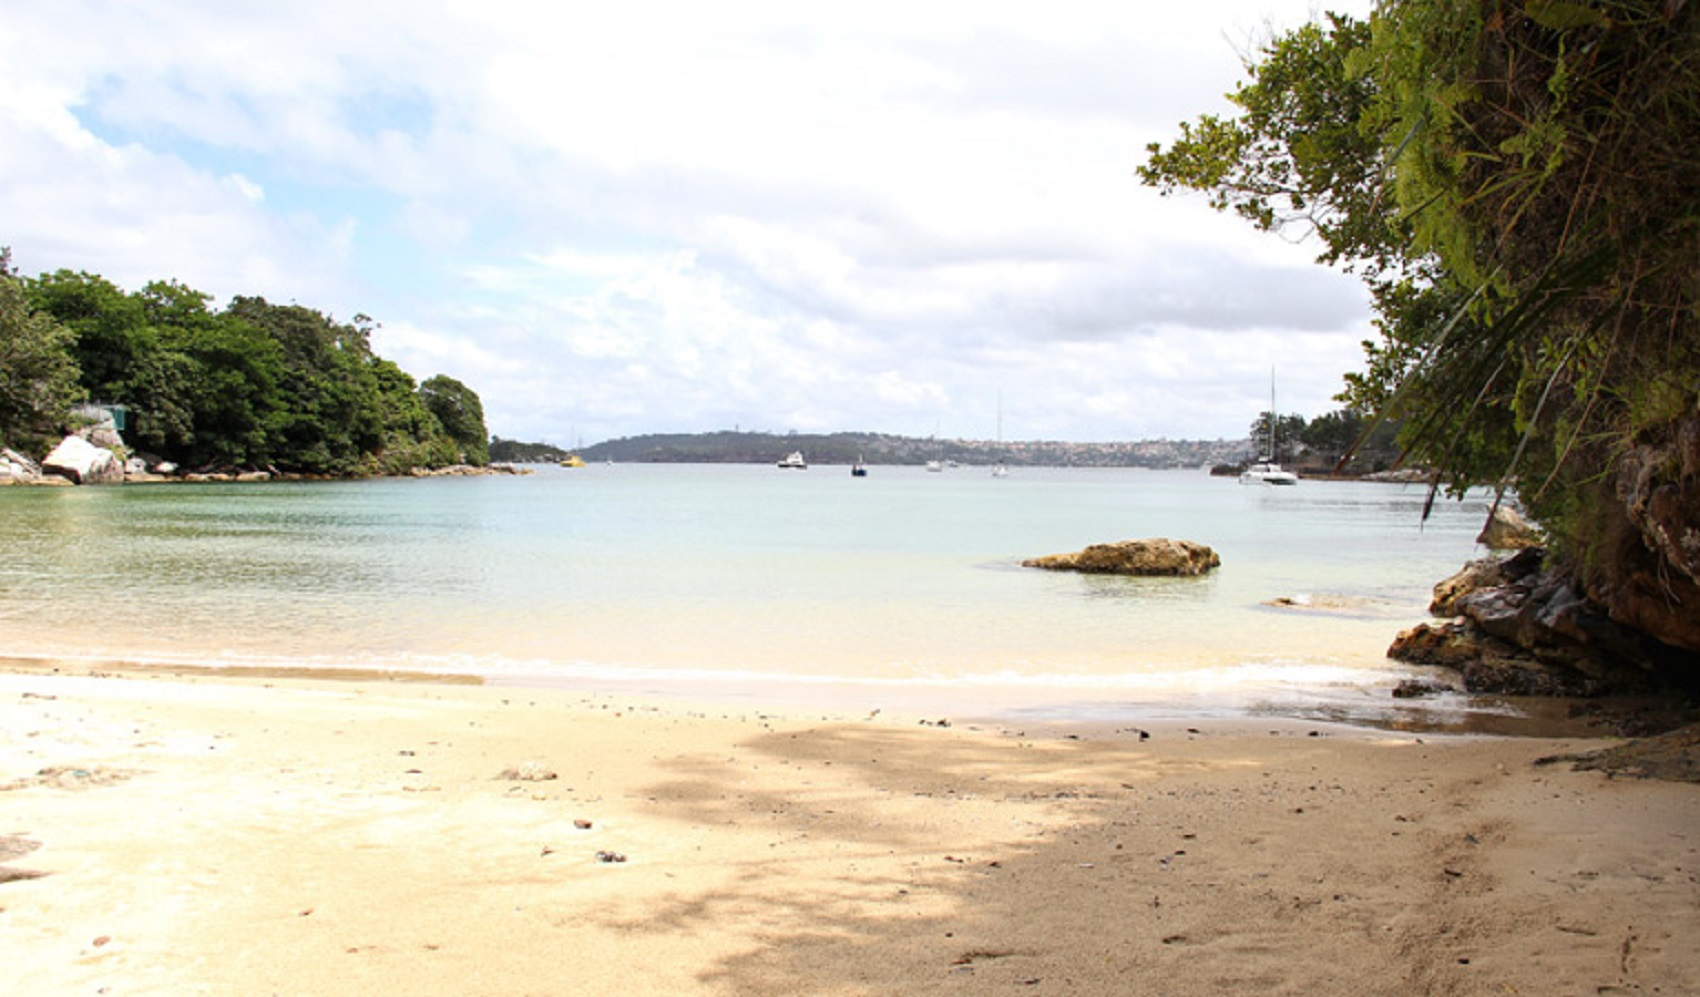 Collins Flat Beach, Sydney Harbour National Park manly tourism